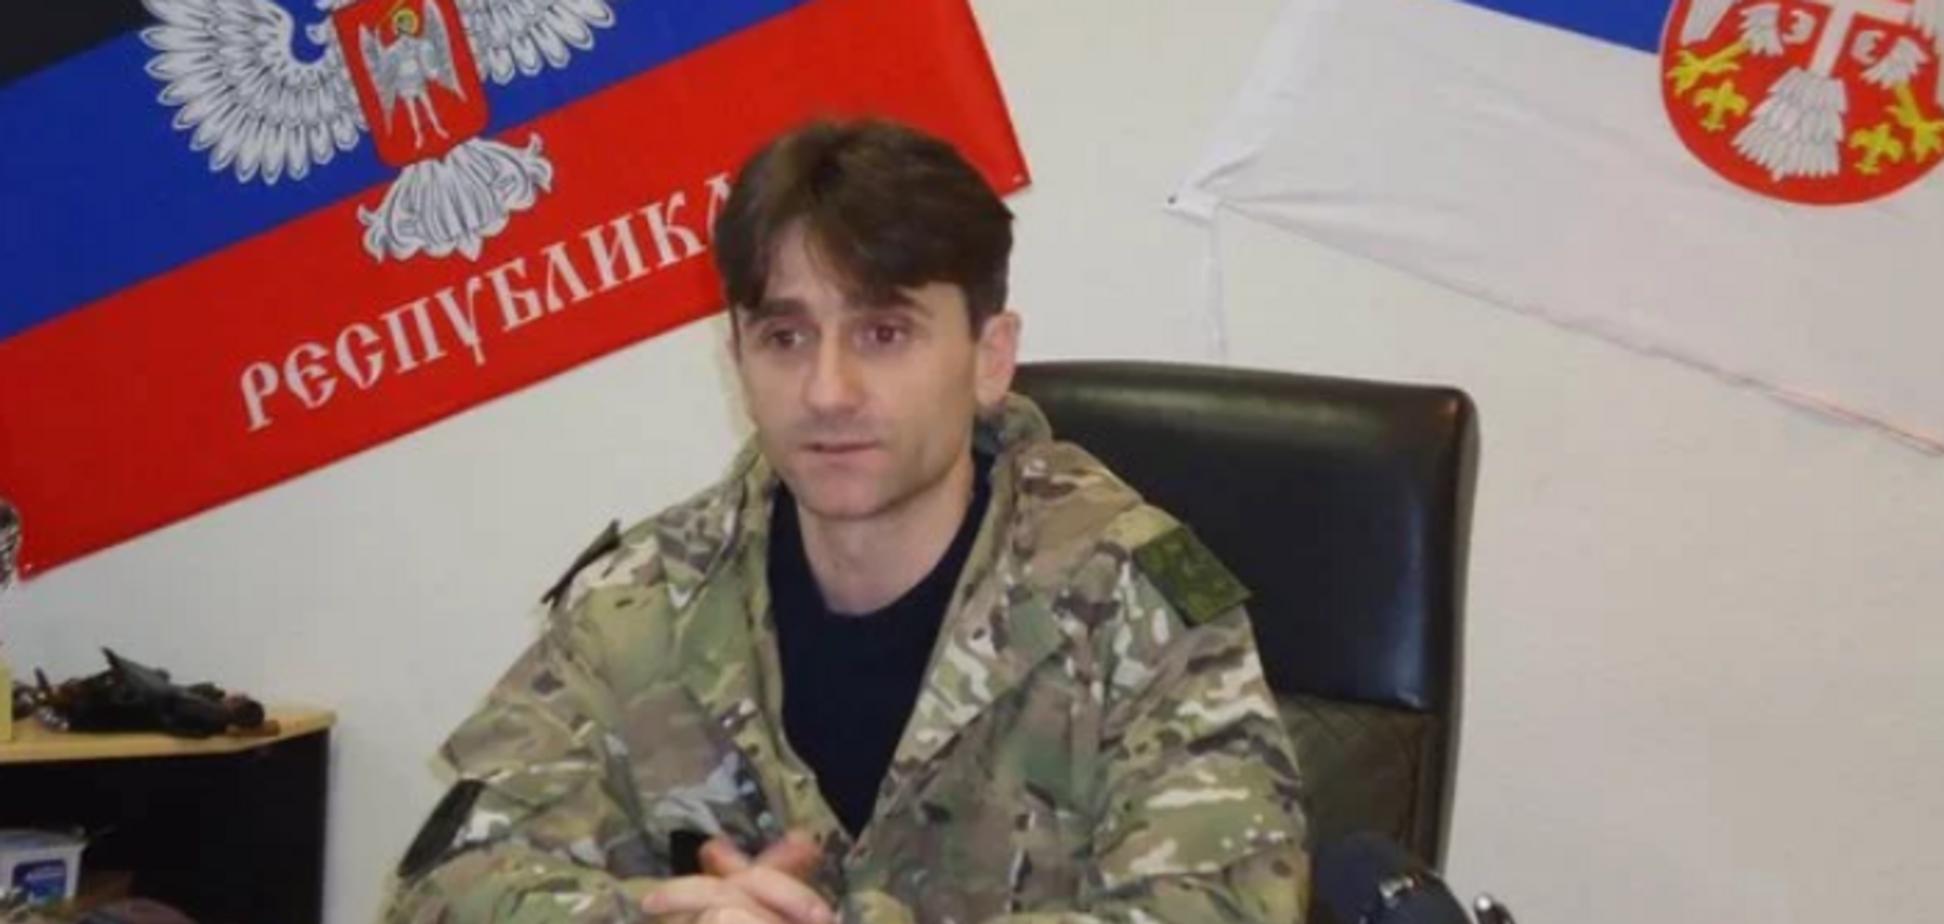 Слава ВСУ! Известный снайпер 'ДНР' пожаловался на огромные потери террористов